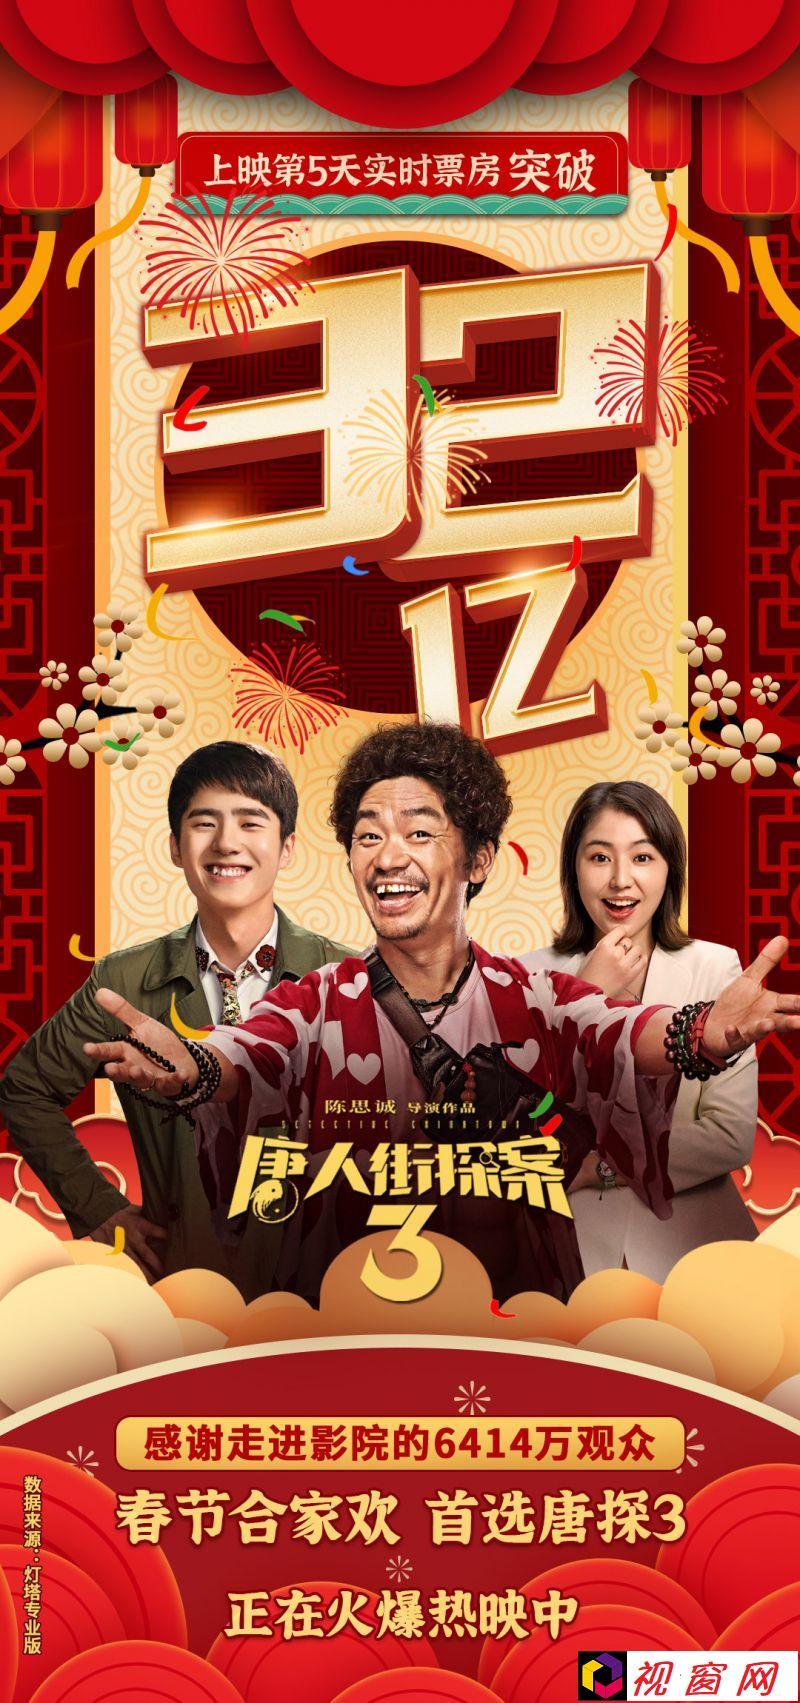 电影《唐人街探案3》票房破32亿,成为中国影史票房榜No.8!